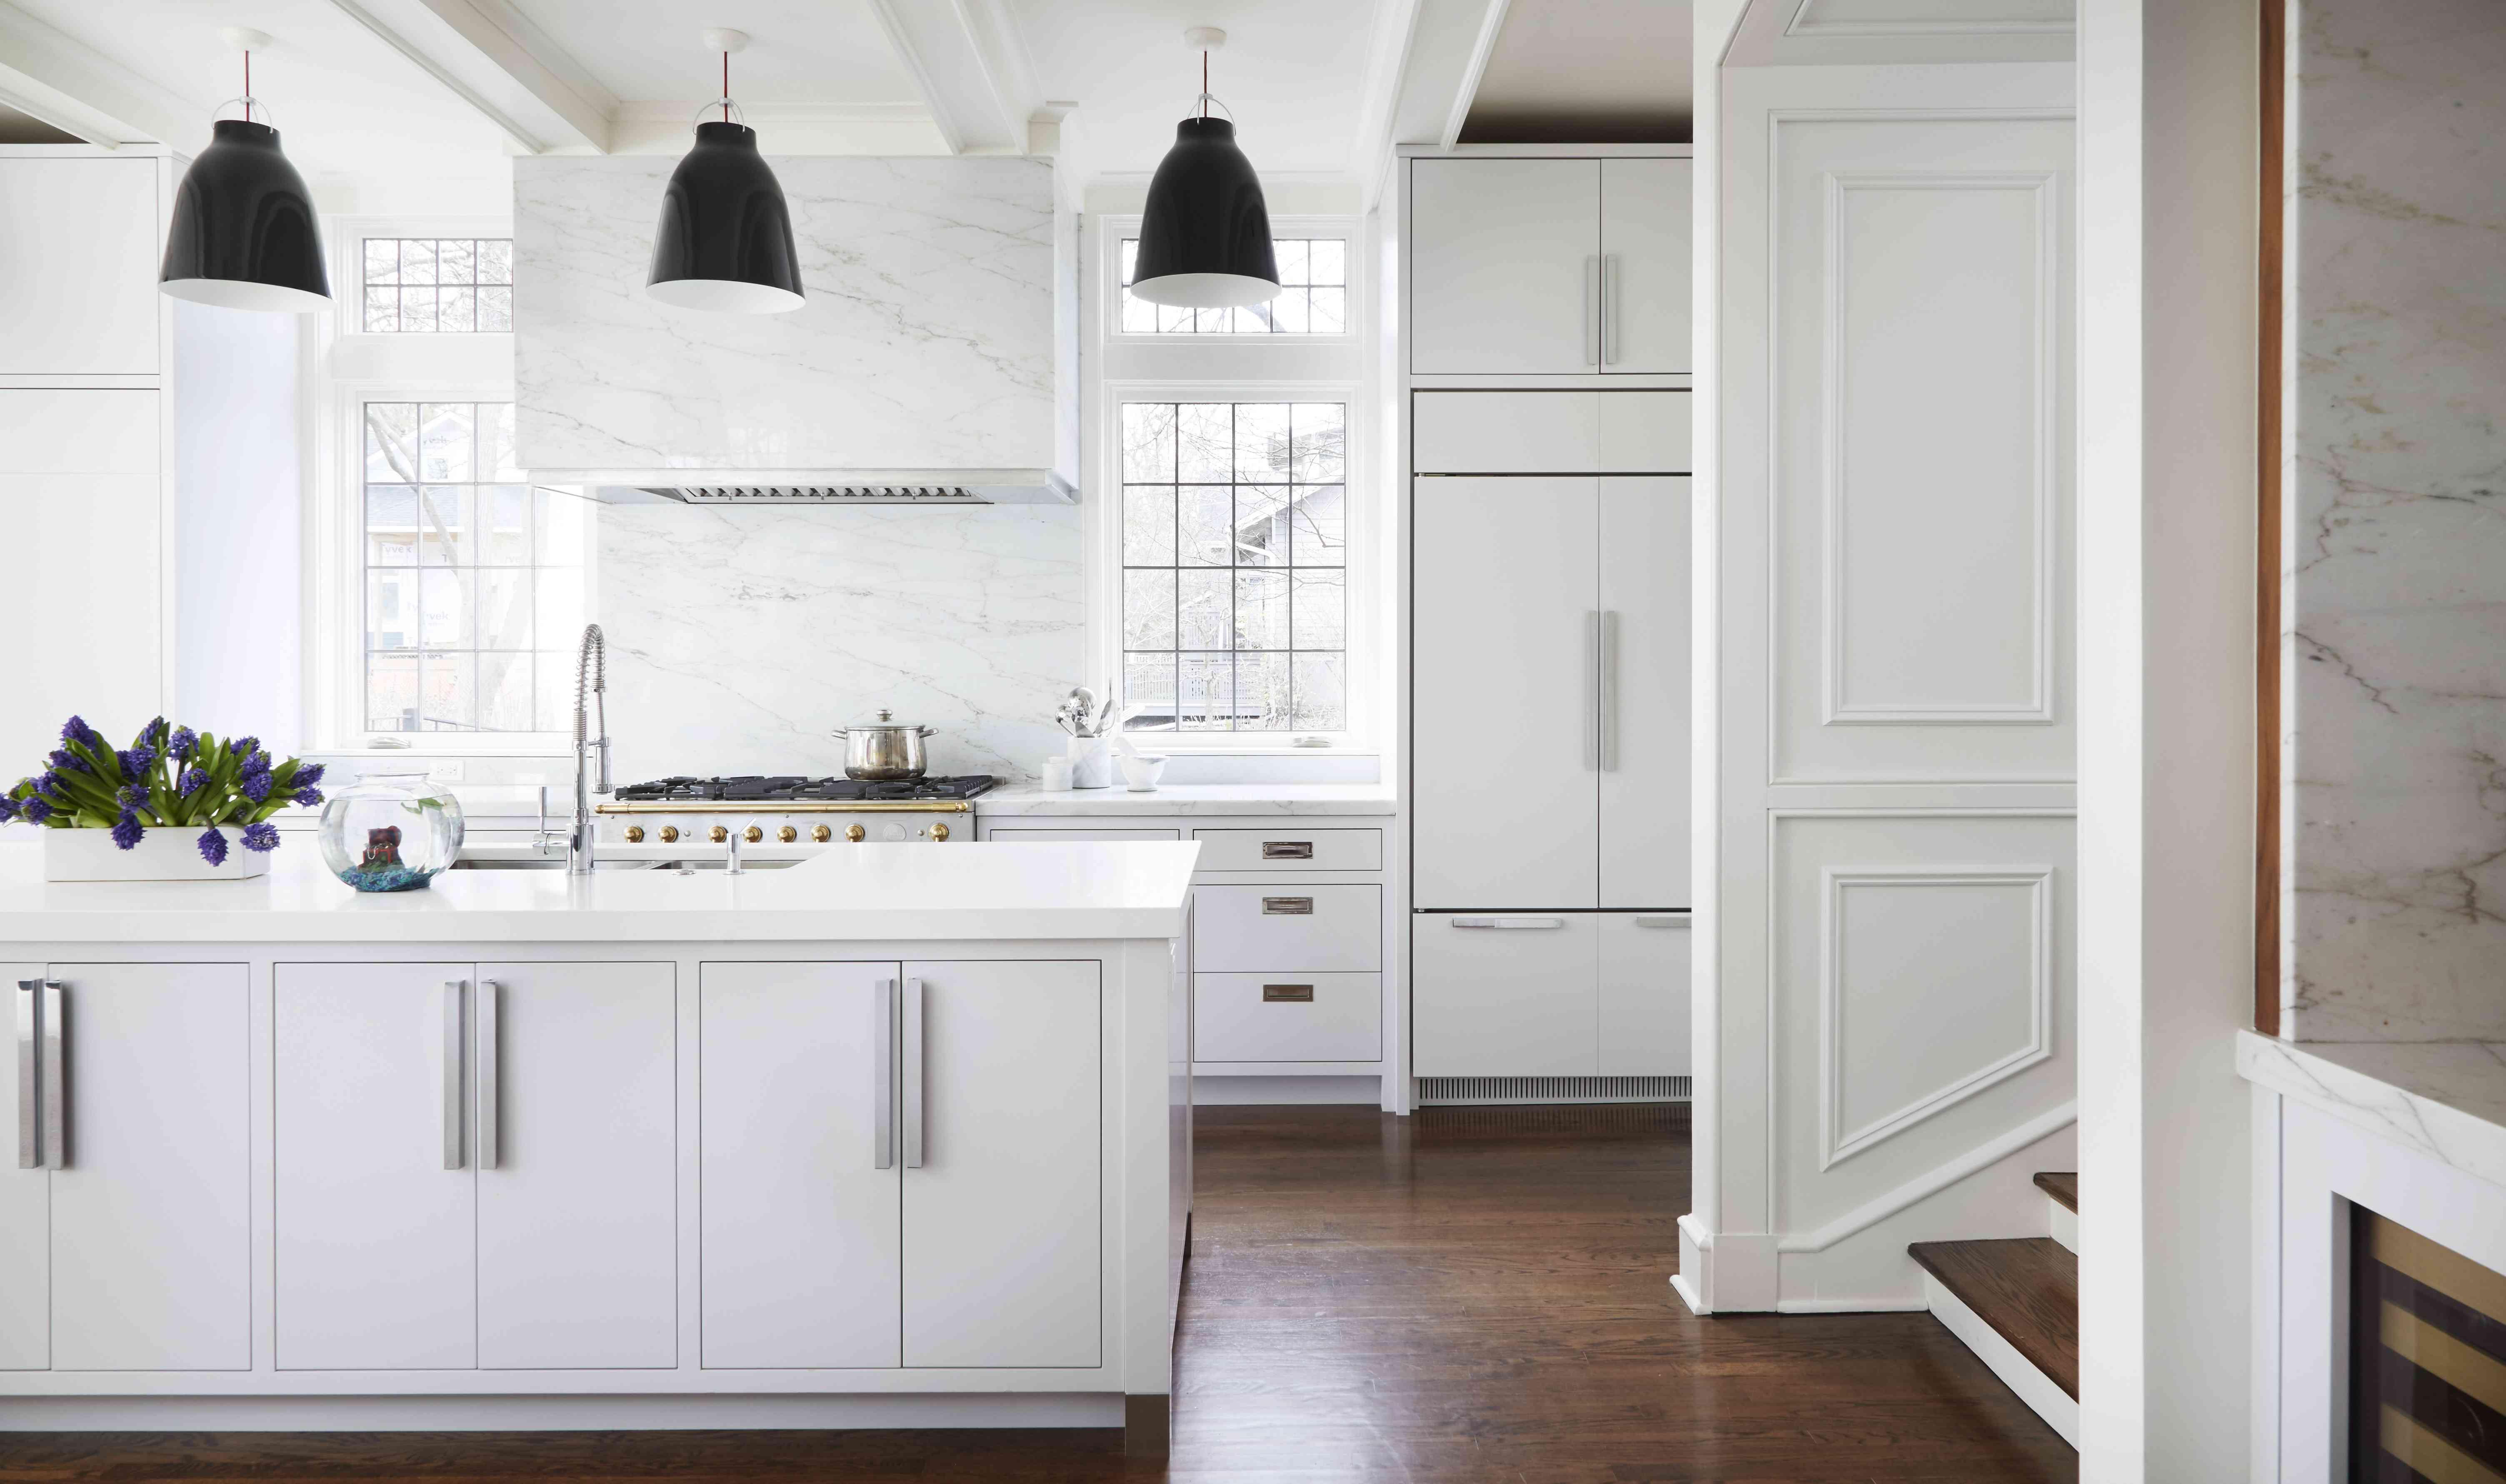 Muebles blancos elegantes y placa para salpicaduras de mármol en la cocina moderna